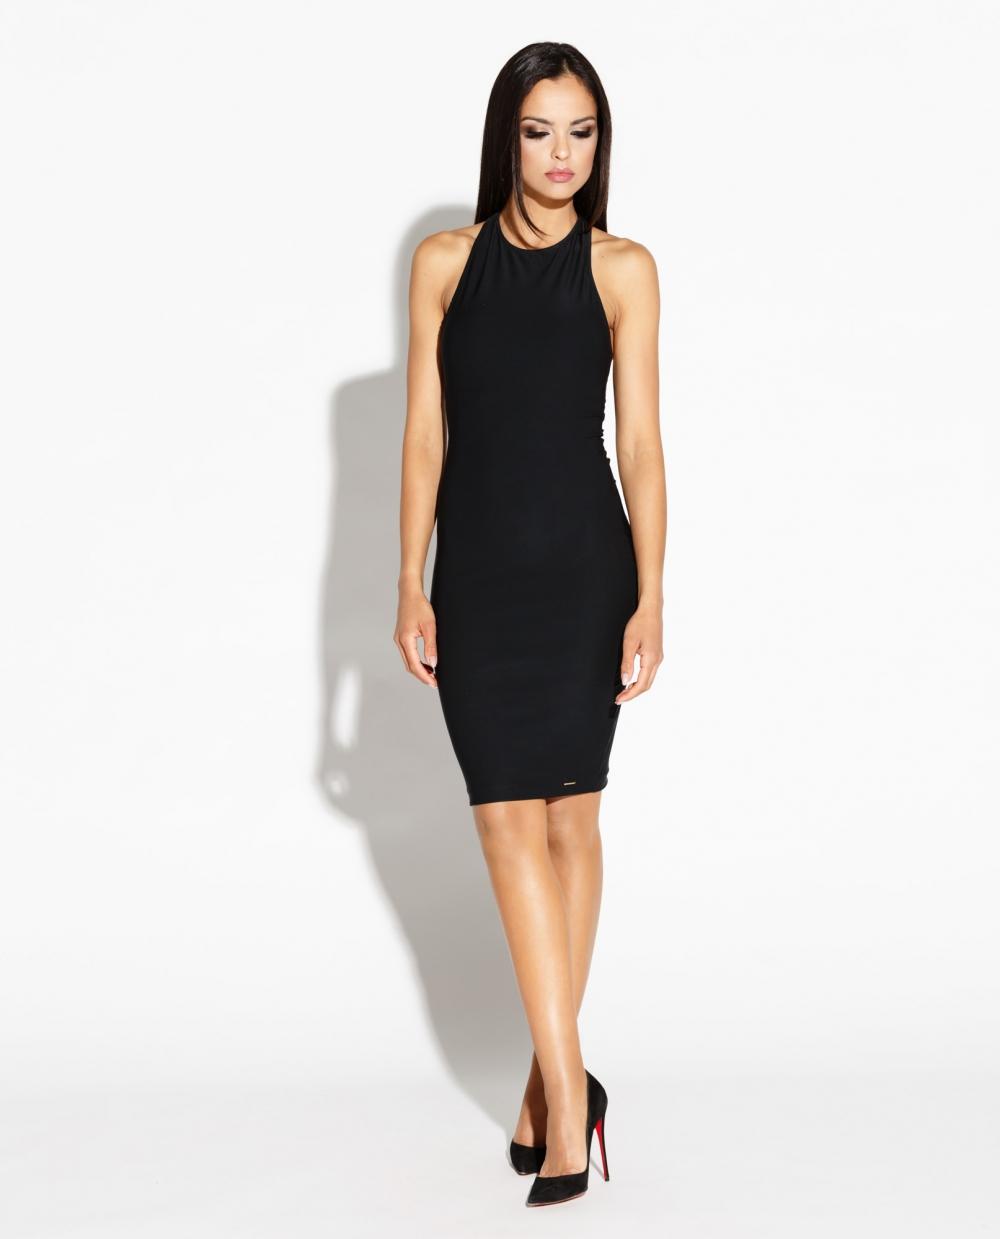 Šaty Dursi s holými zády černé